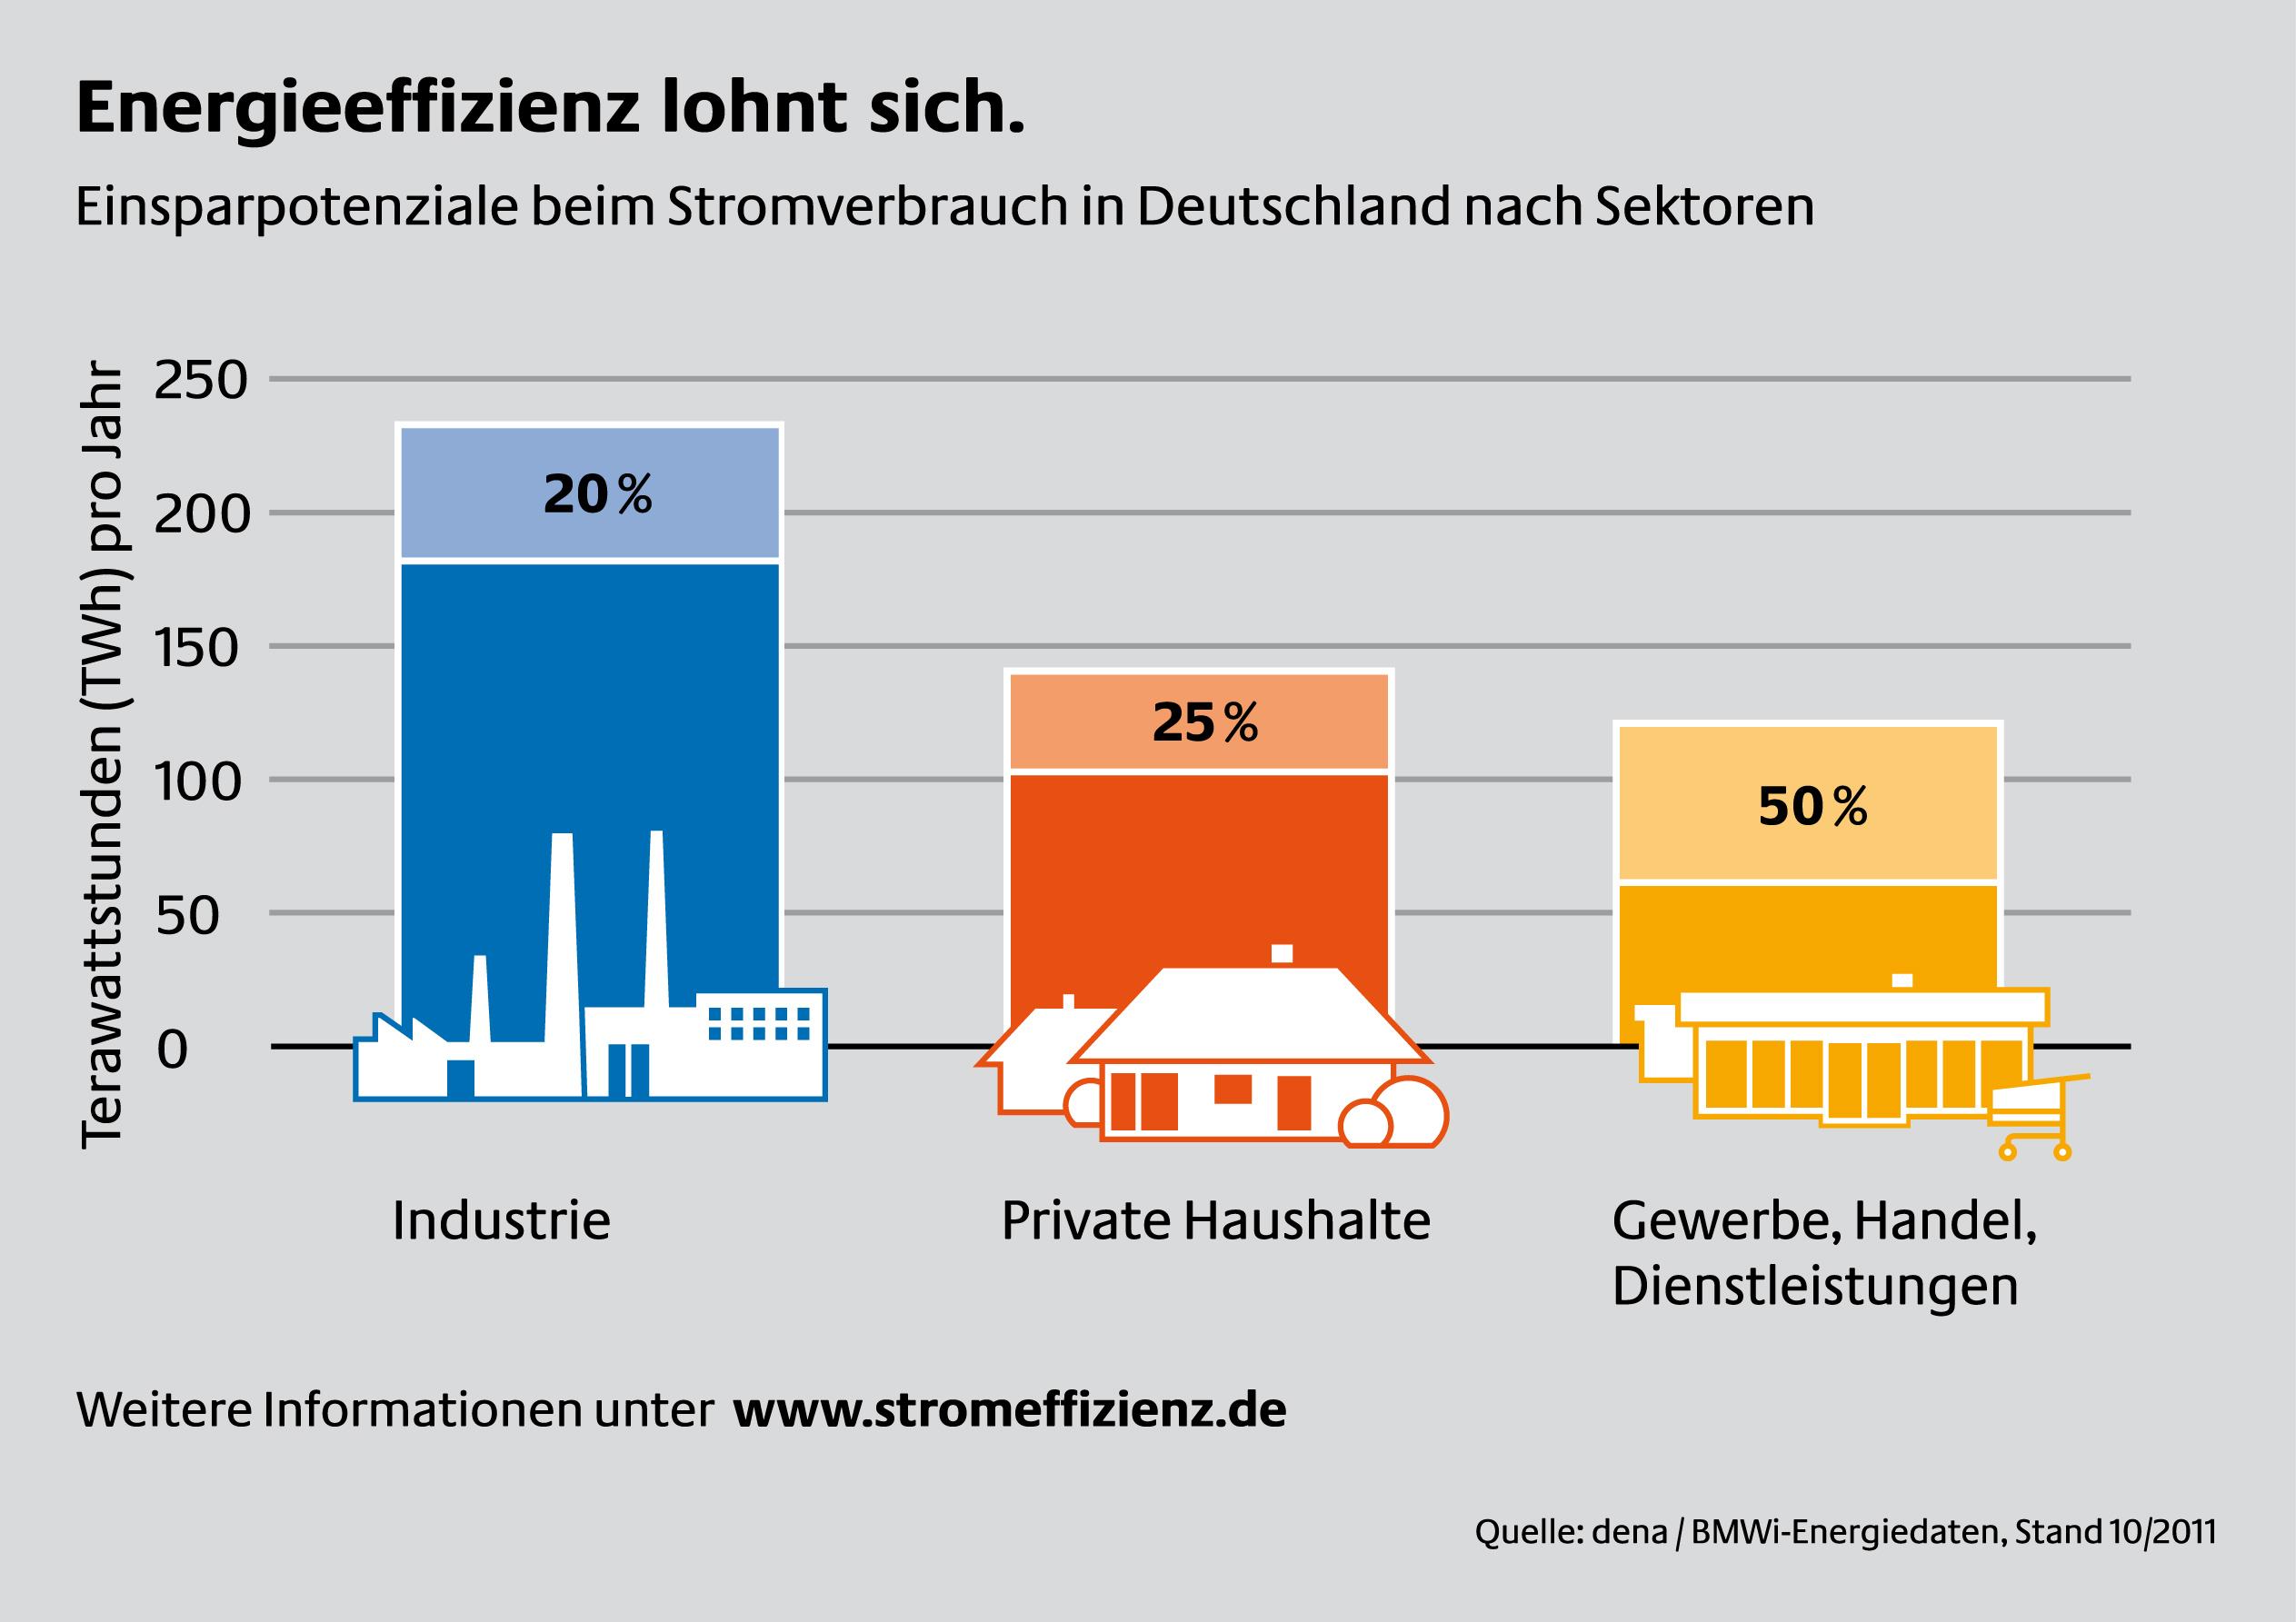 Einsparpotenziale beim Stromverbrauch in Deutschland